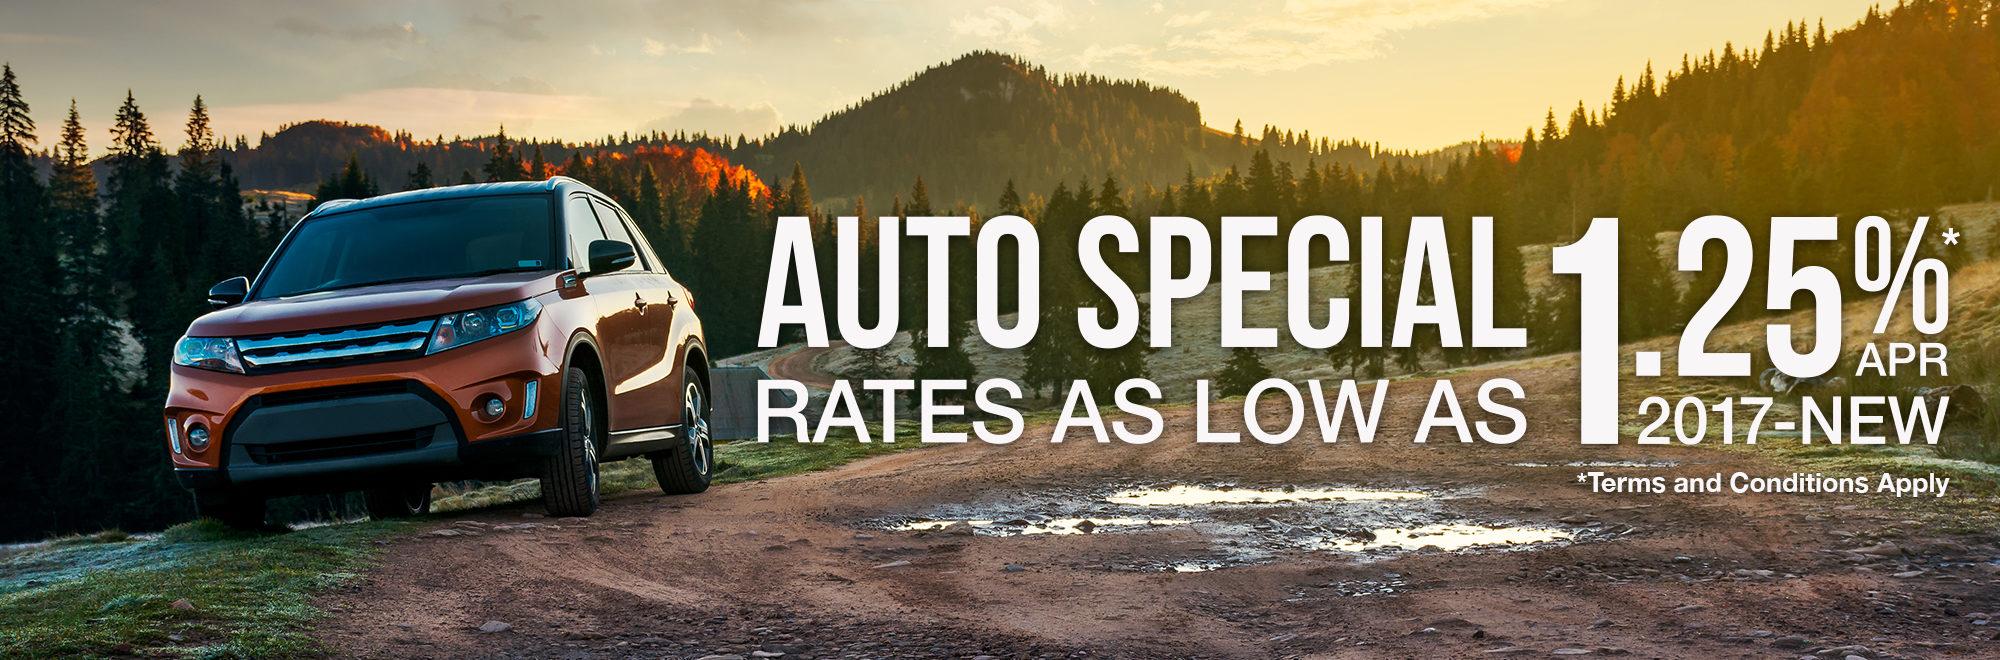 2021 Auto Special